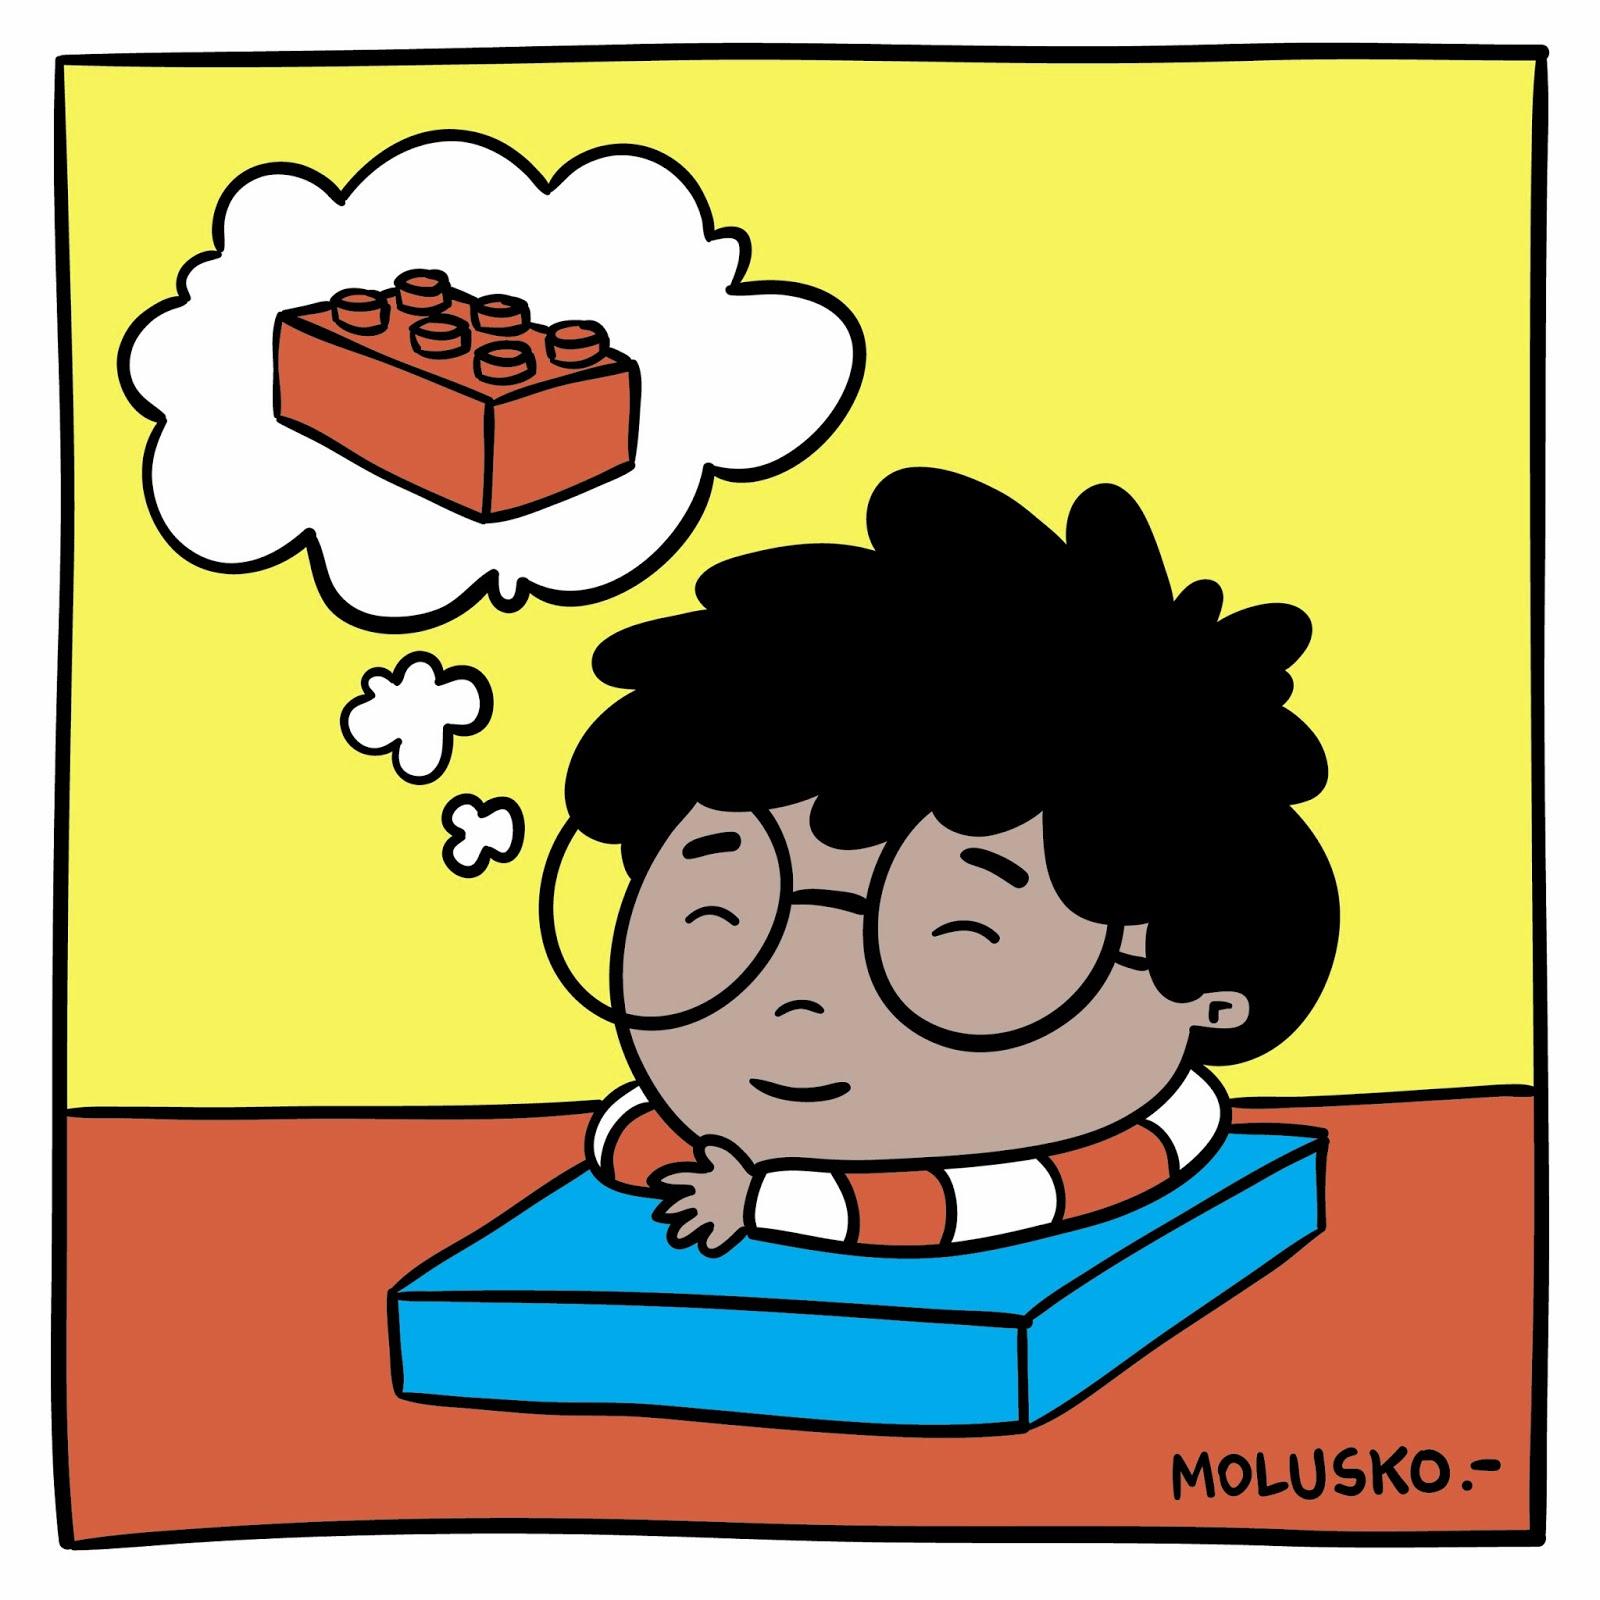 Un niño pensando en caricatura - Imagui